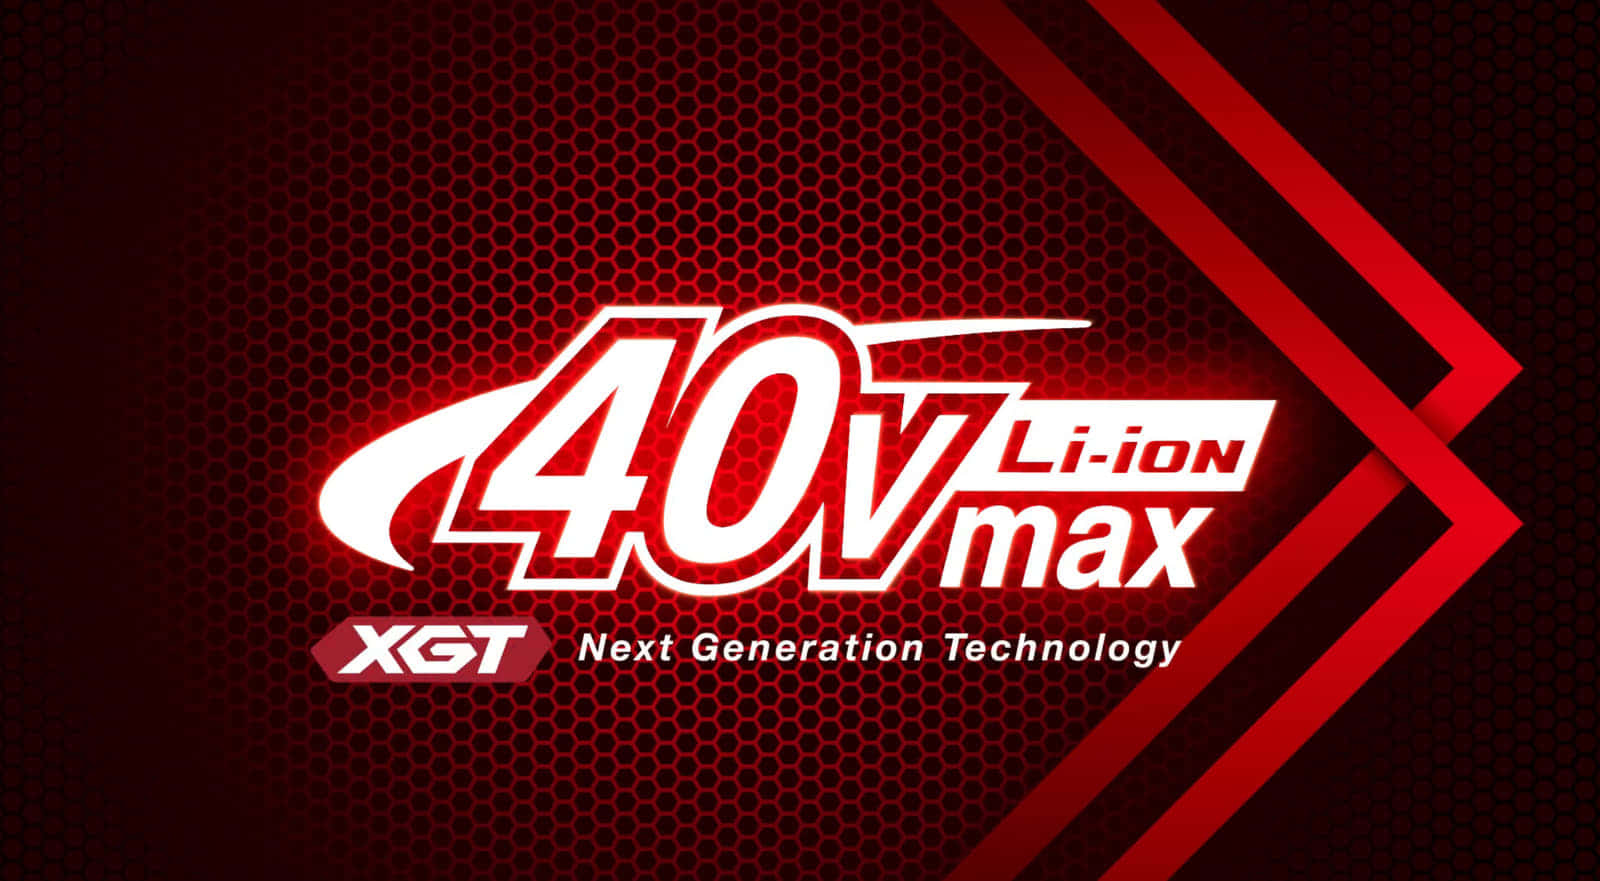 マキタが40V MAXを新しく展開した理由【電動工具コラム】